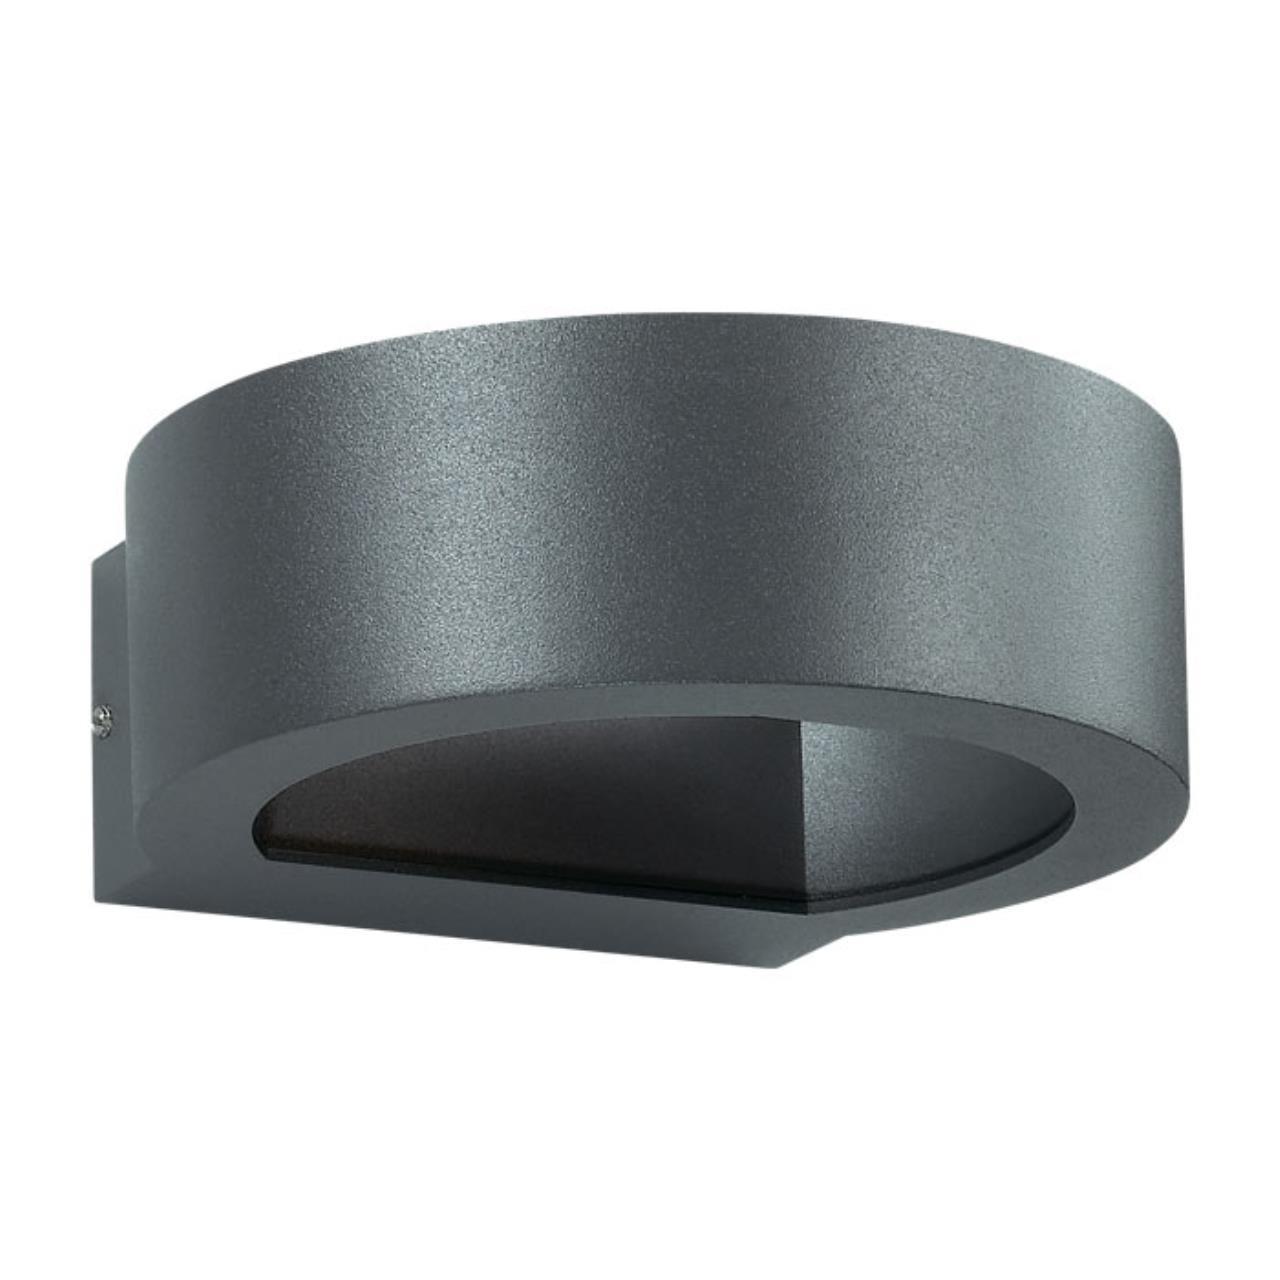 357421 STREET NT17 159 темно-серый Ландшафтный светильник IP54 LED 3000K 6W 220-240V KAIMAS